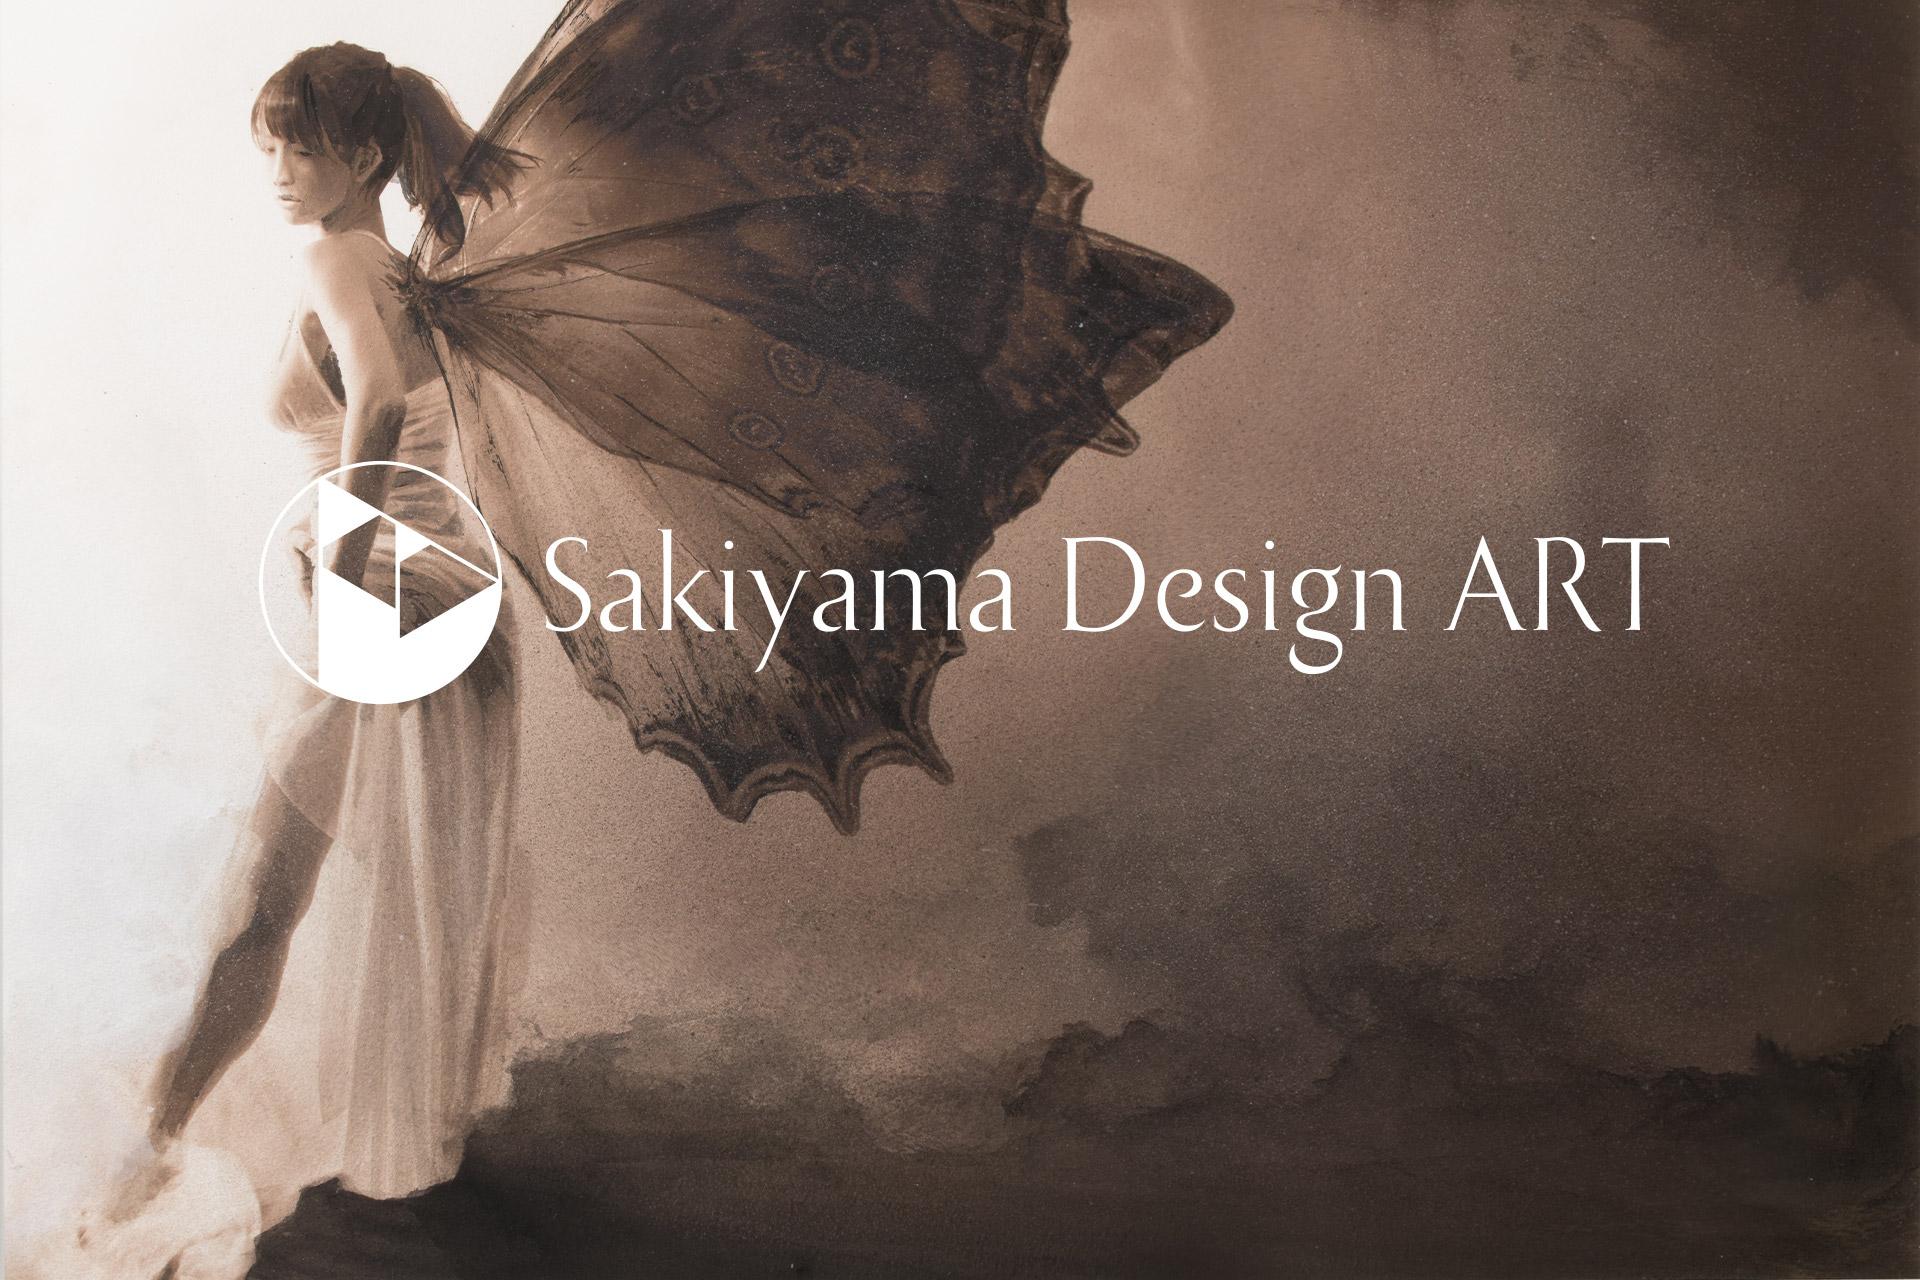 Sakiyam Design ART Reopen